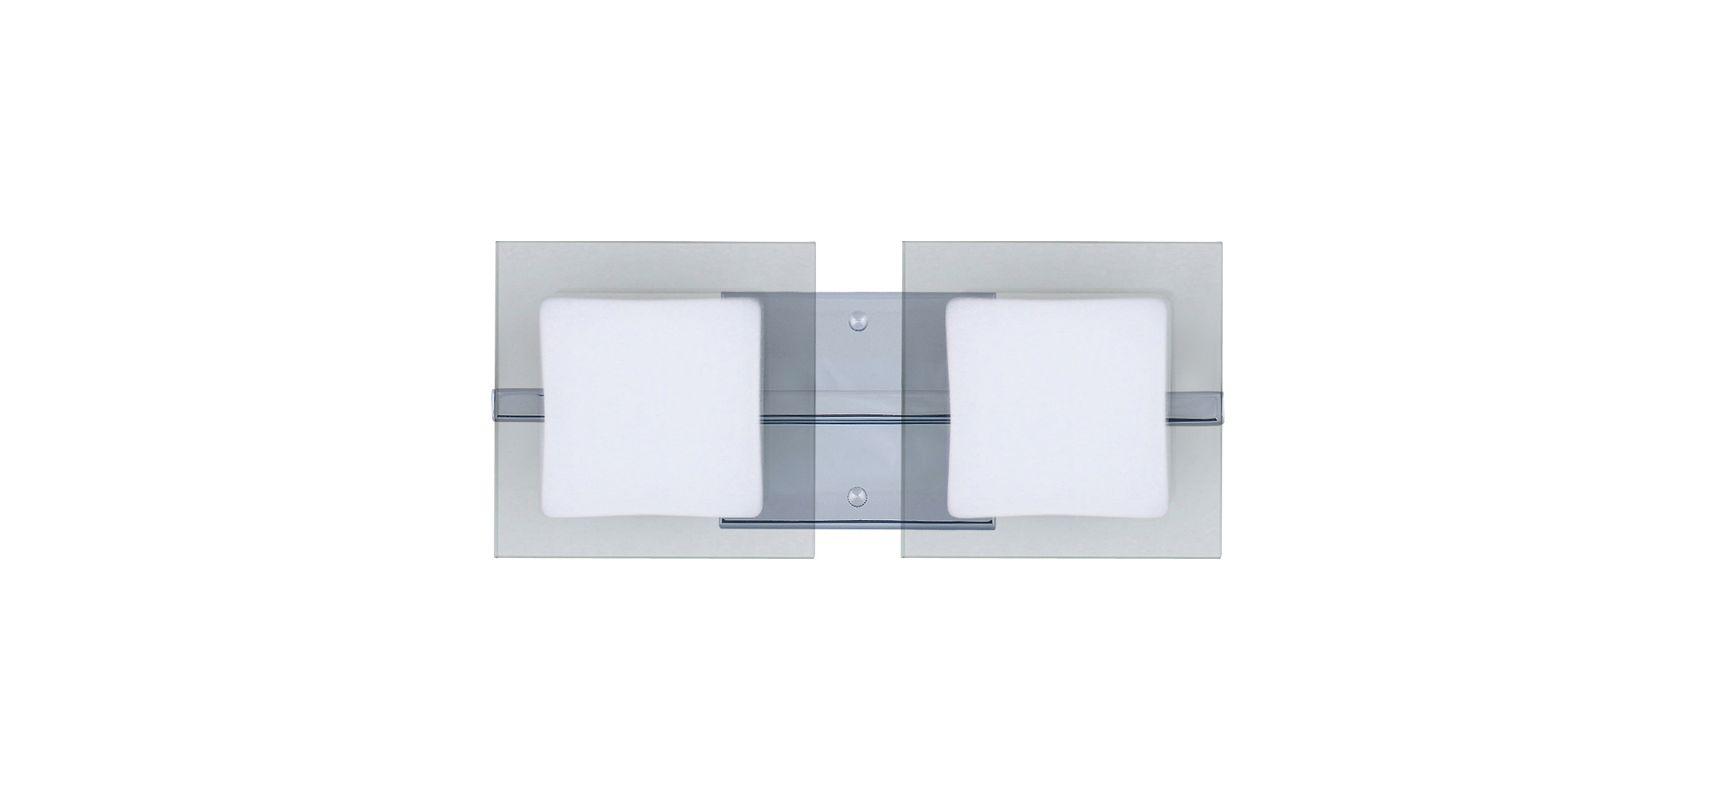 Besa Lighting 2WS-773539 Alex 2 Light ADA Compliant Halogen Bathroom